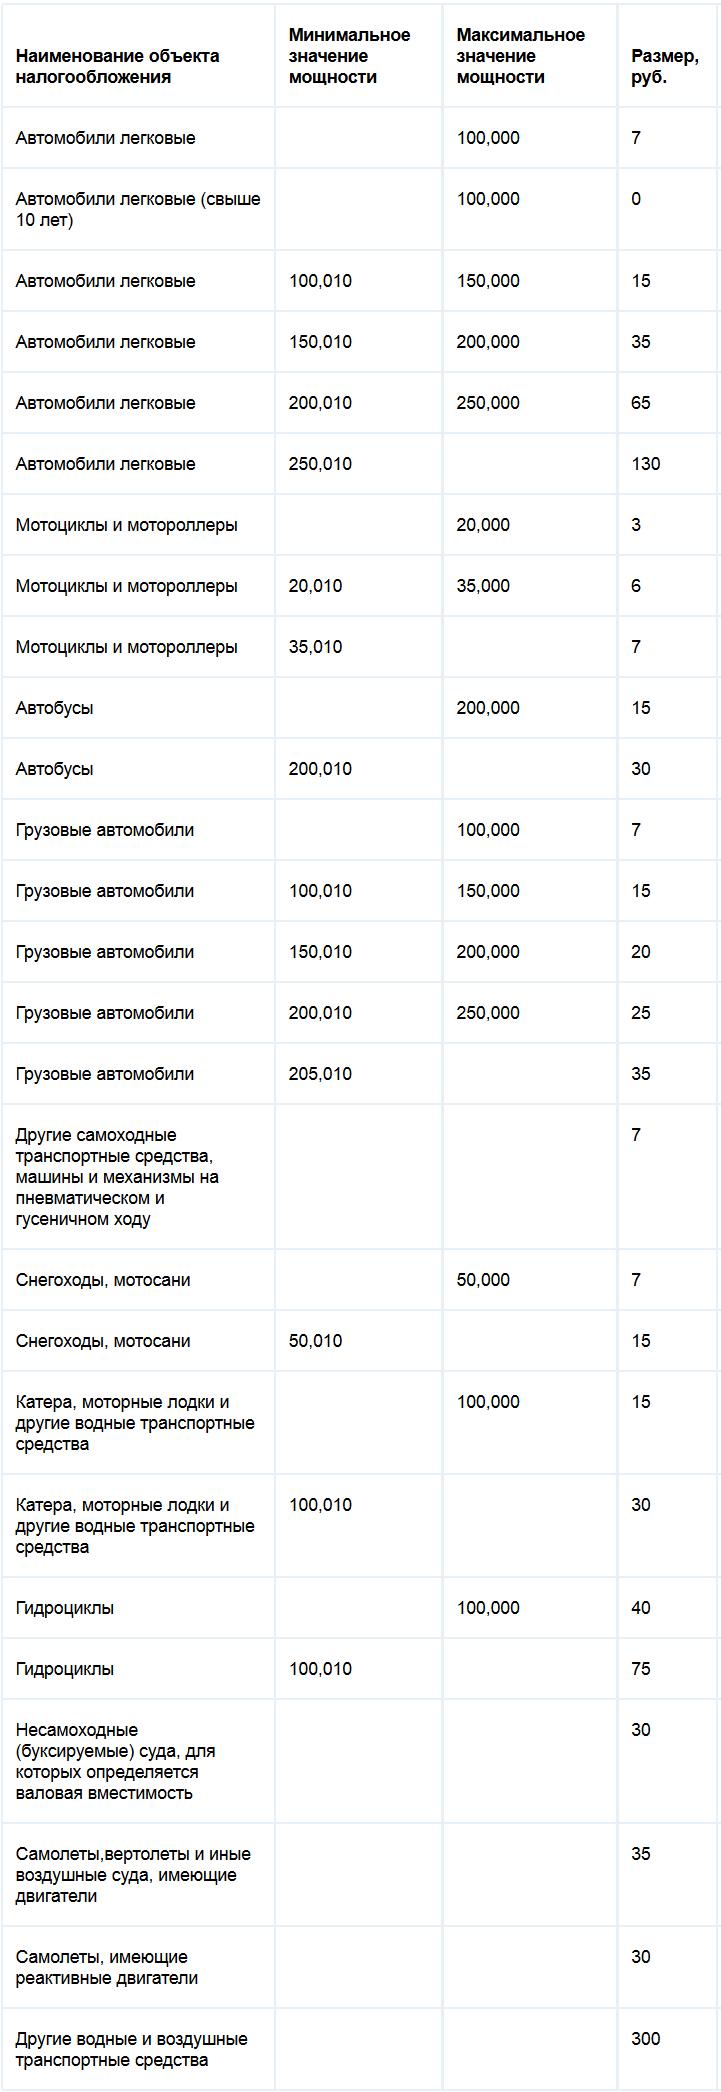 Ставки транспортного налога Кабардино-Балкарской республики